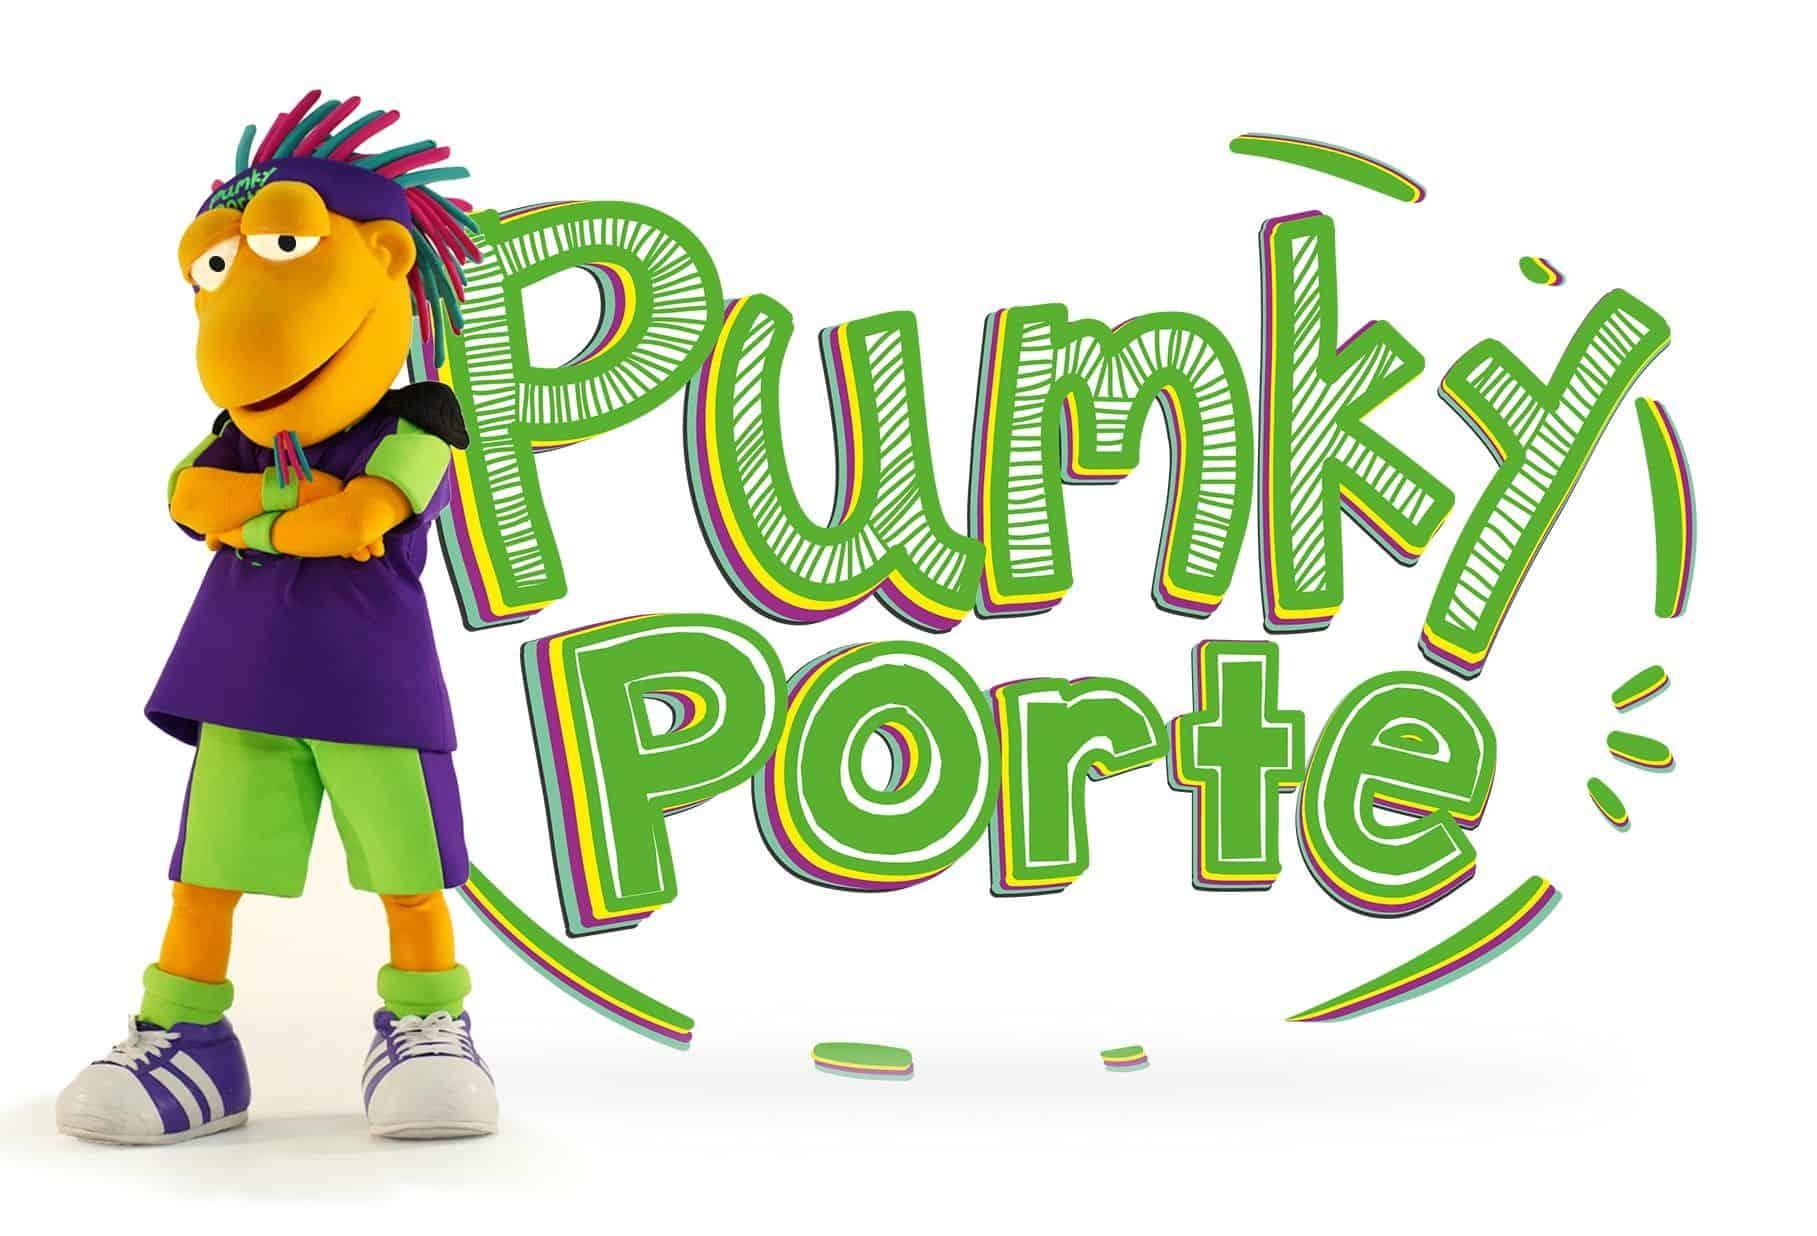 En este momento estás viendo Pumky Porte: una iniciativa para mejorar los hábitos en niños